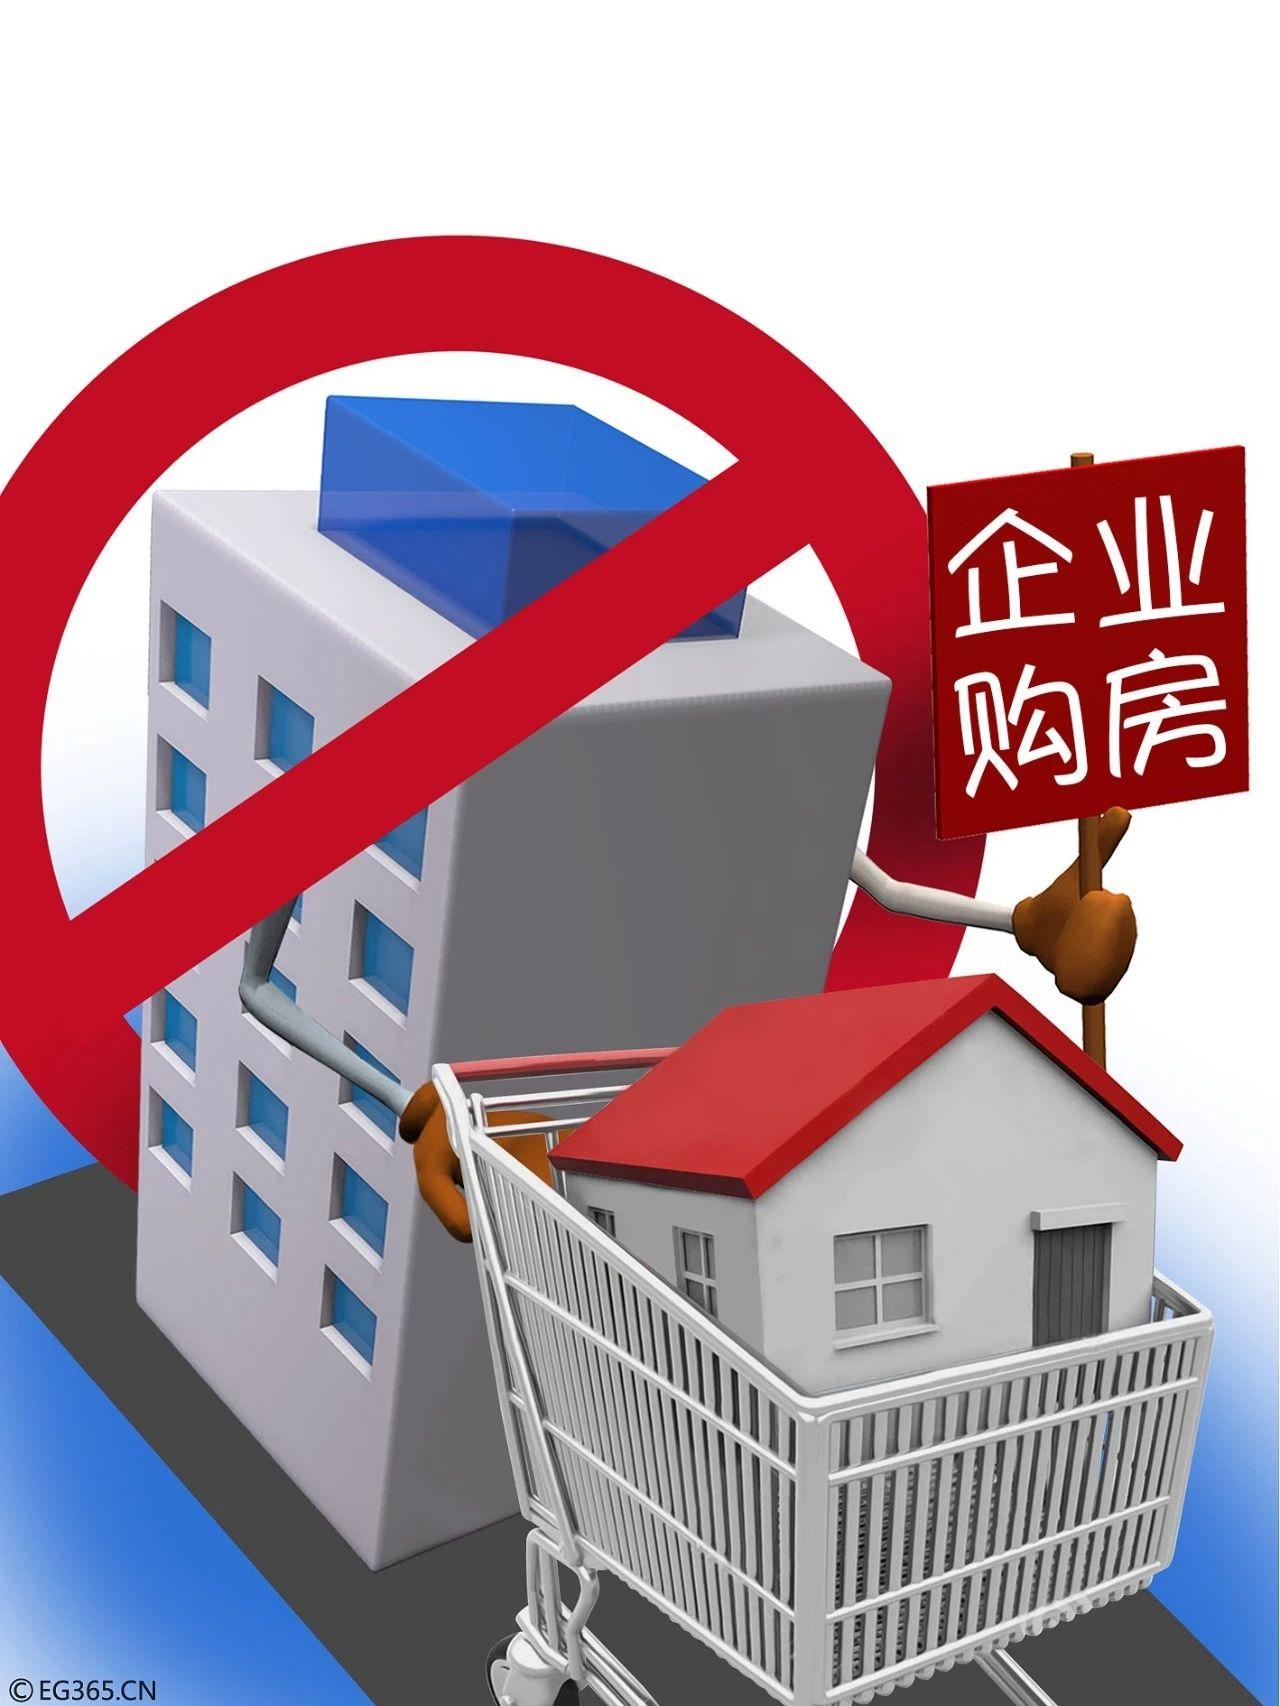 南京成为第7个限制企业购商品住房城市 企业限购或蔓延